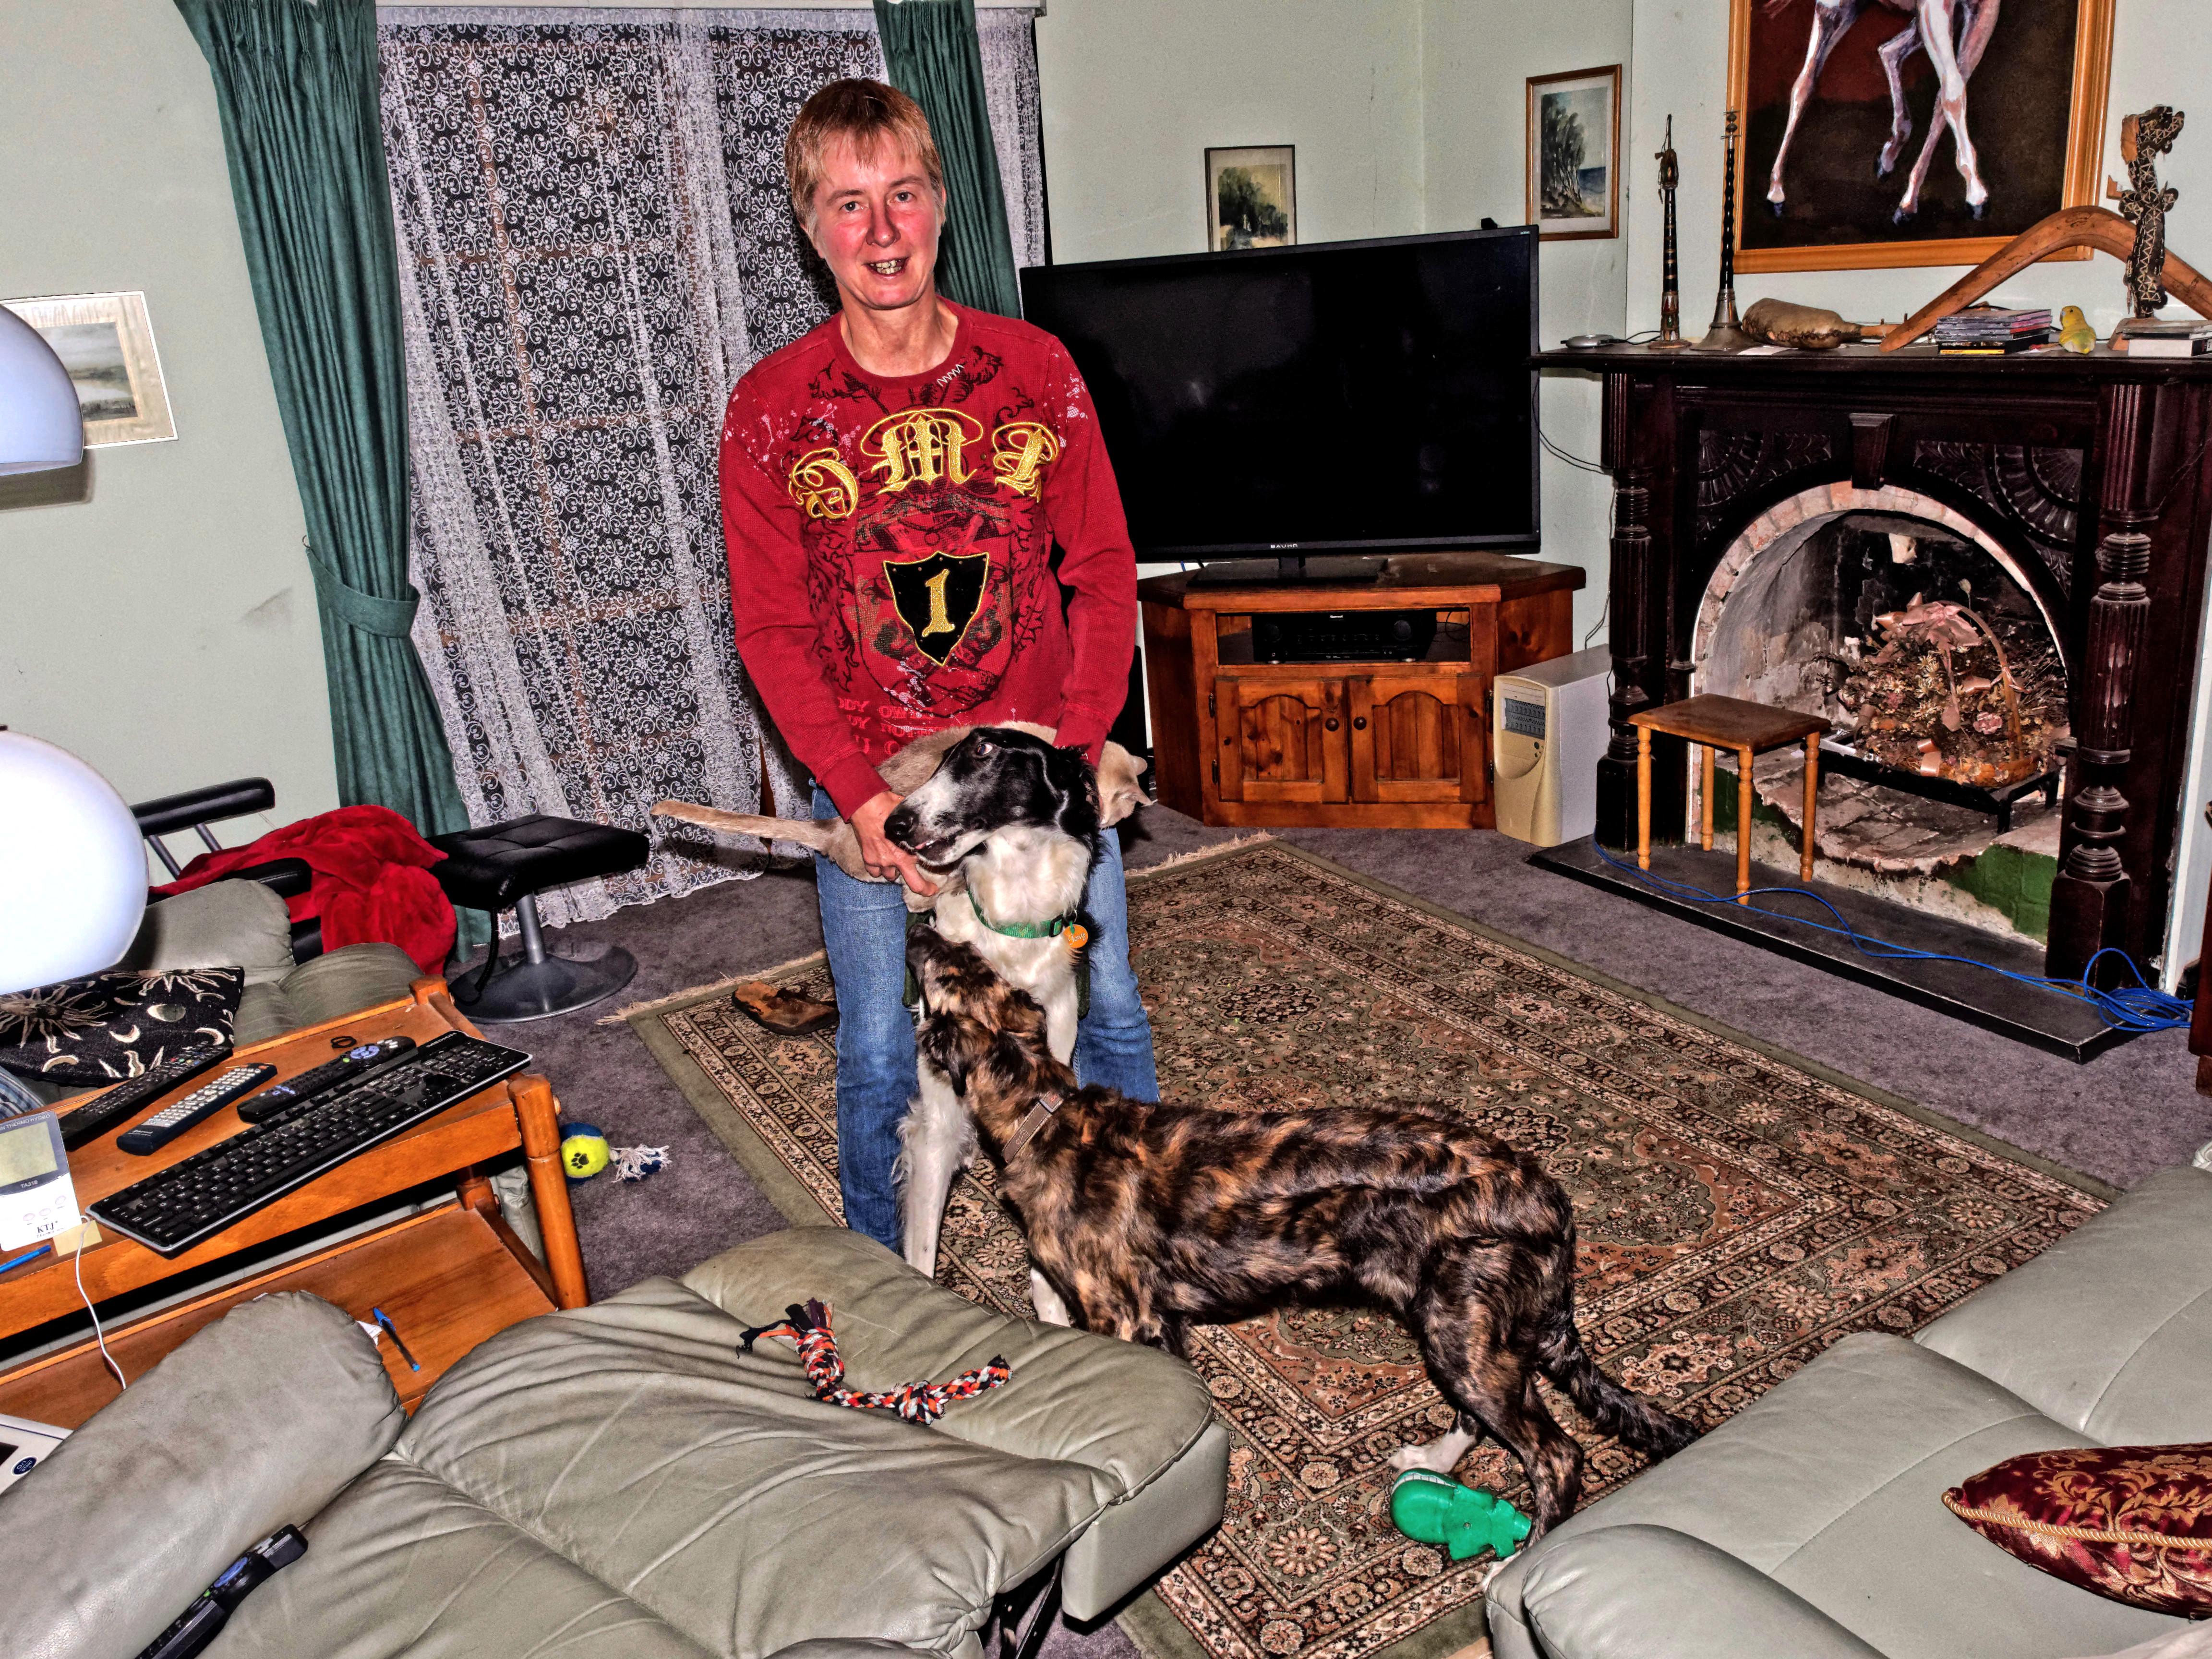 Chris-and-dogs-17.jpeg